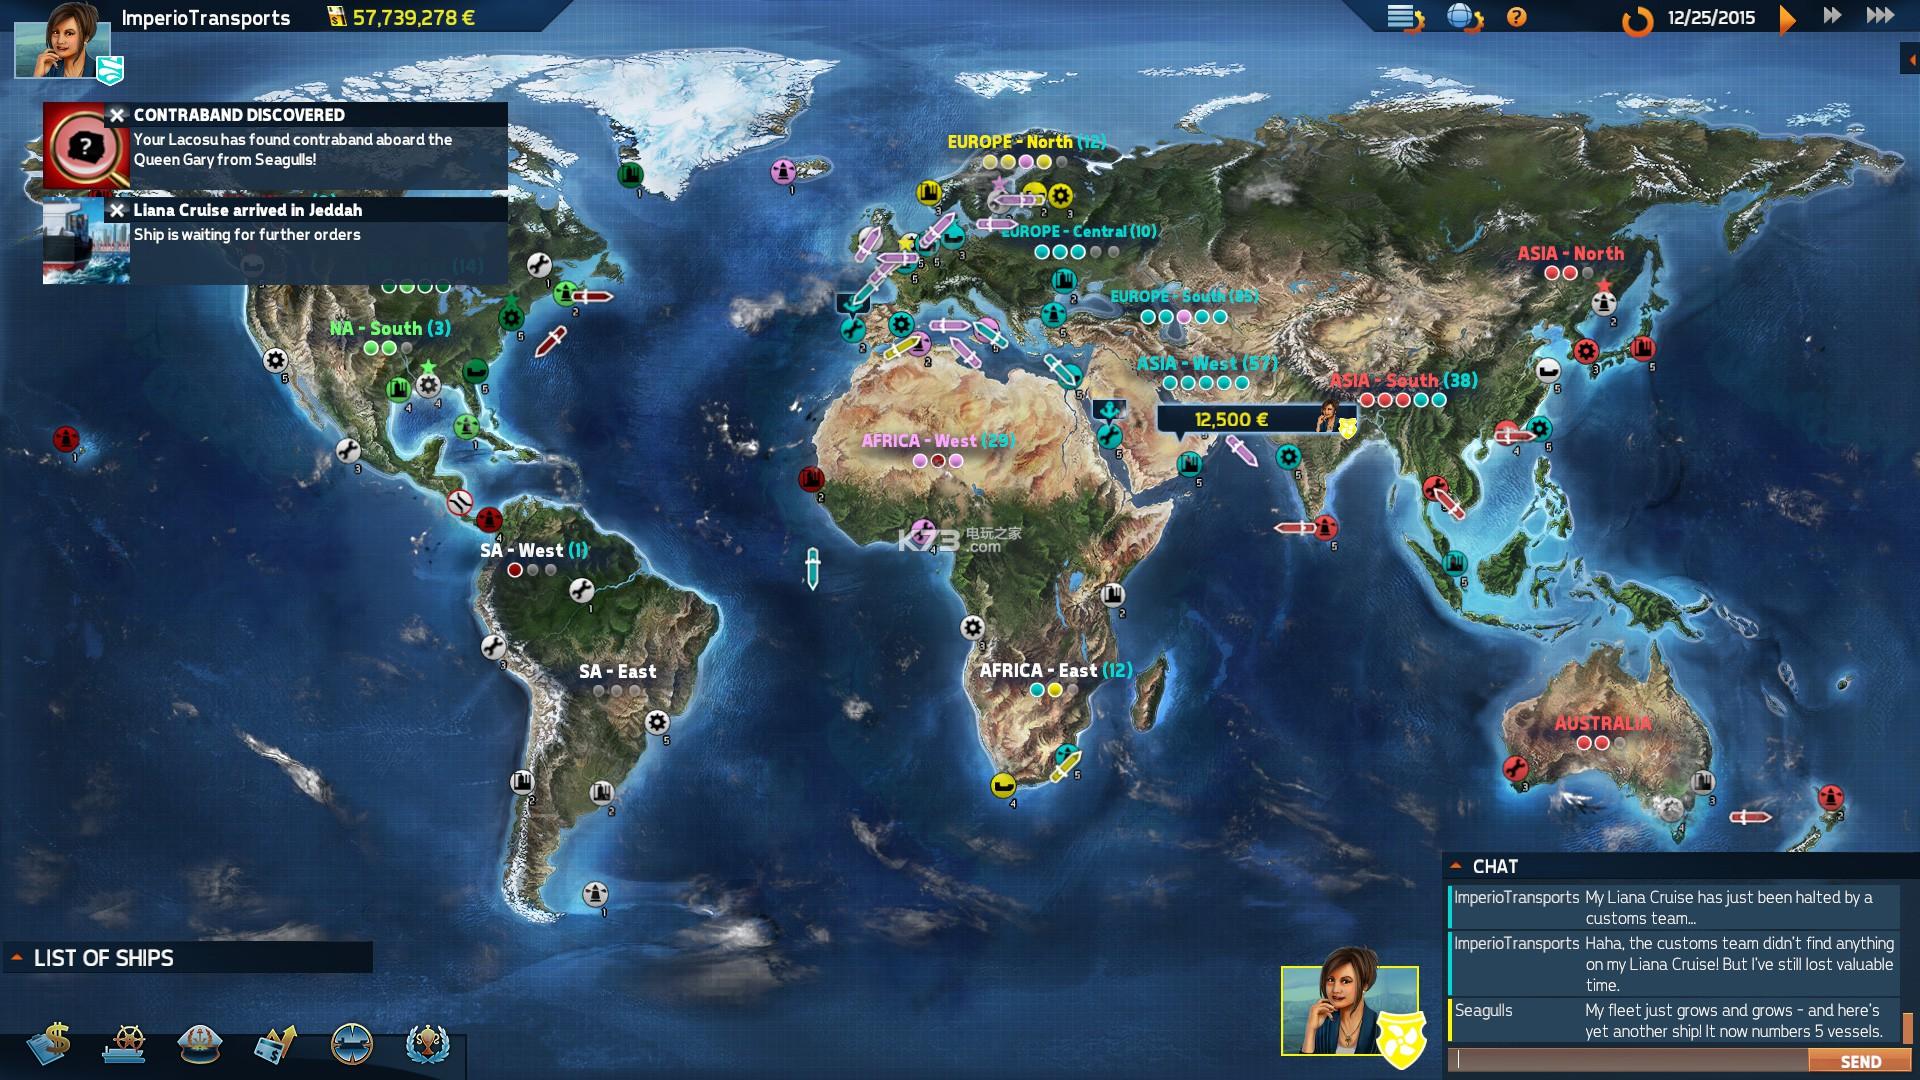 跨洋2竞争对手免装中文版-跨洋2竞争对手游戏快穿之作你联机攻略秘籍图片